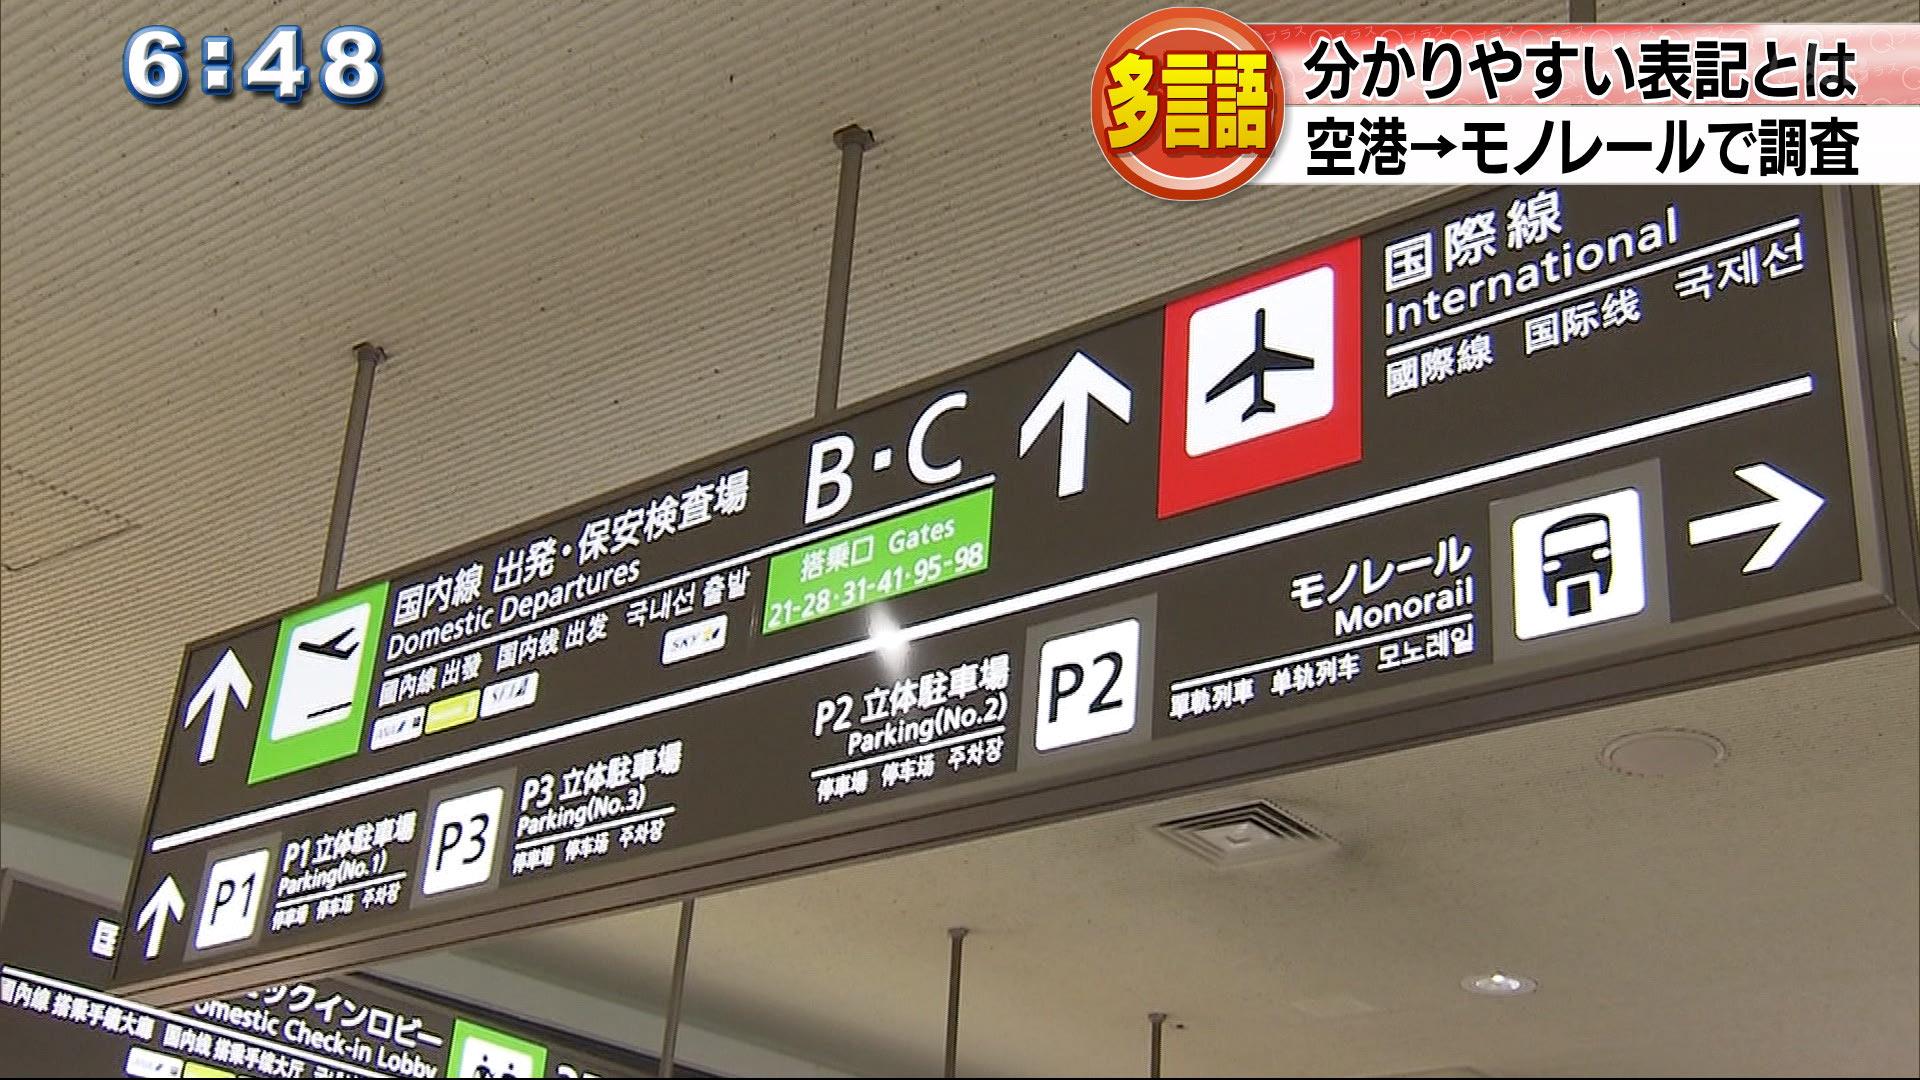 公共交通機関 多言語表記の分かりやすさを調査